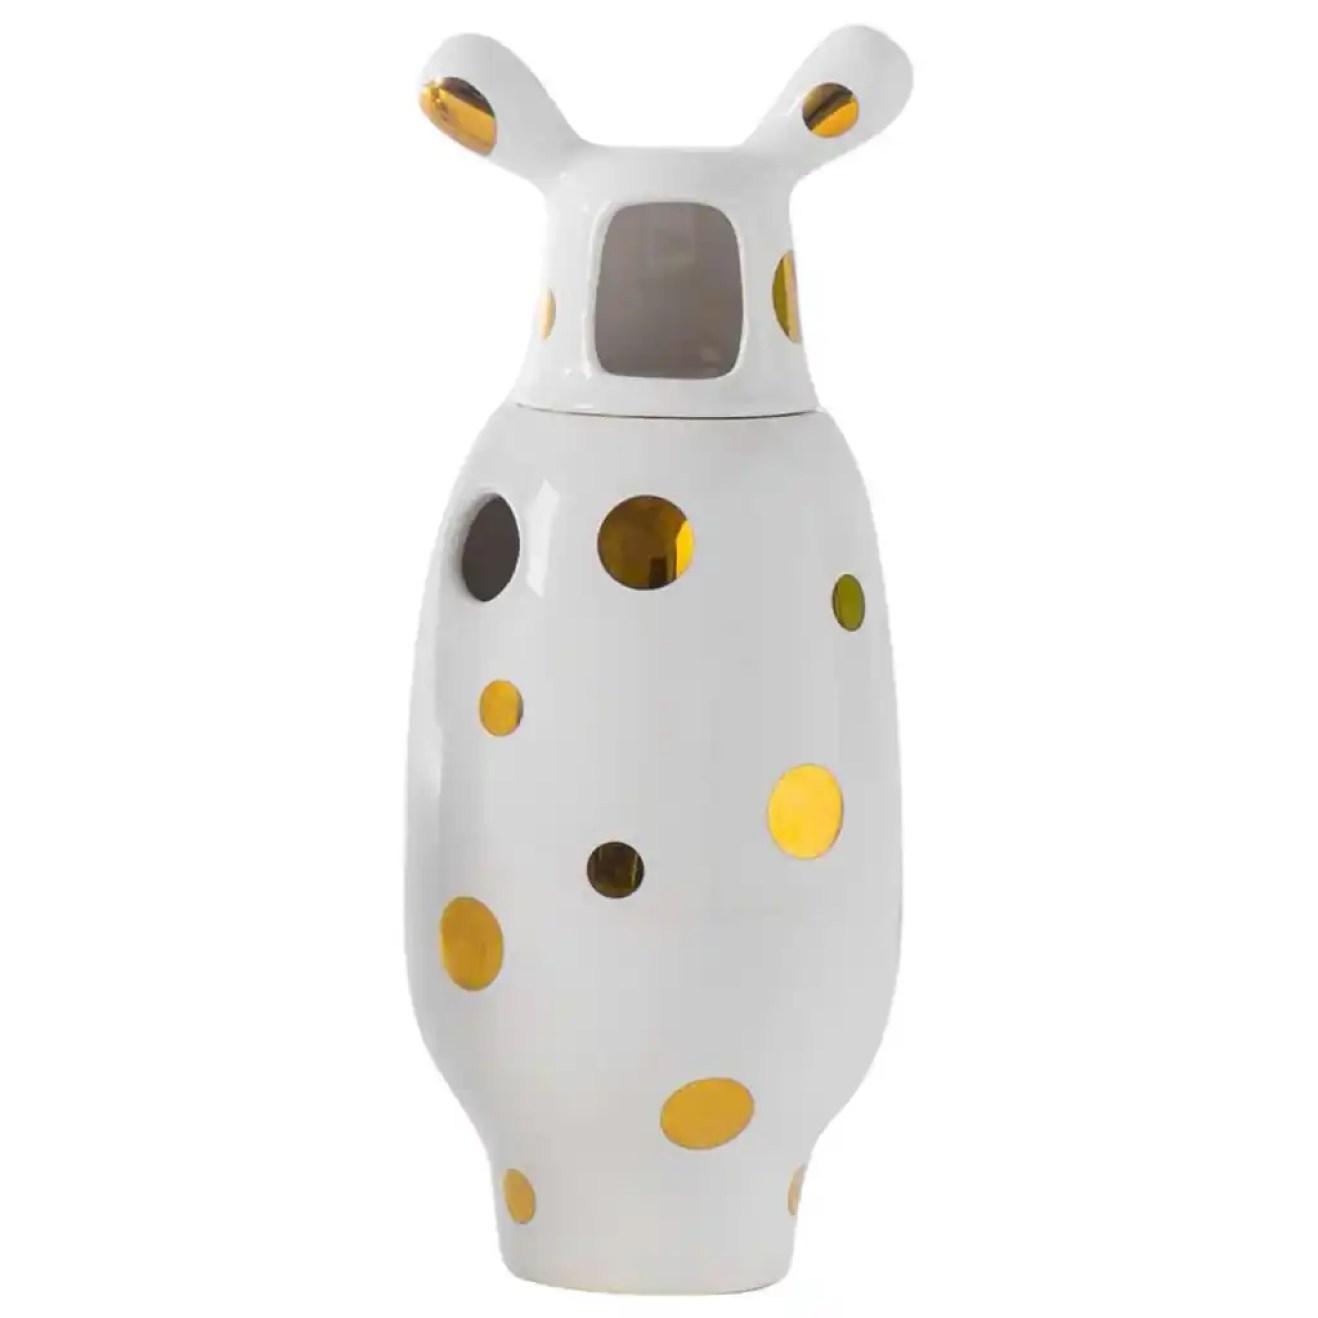 White ceramic vase in 24 carat gold designed by Jaime Hayon